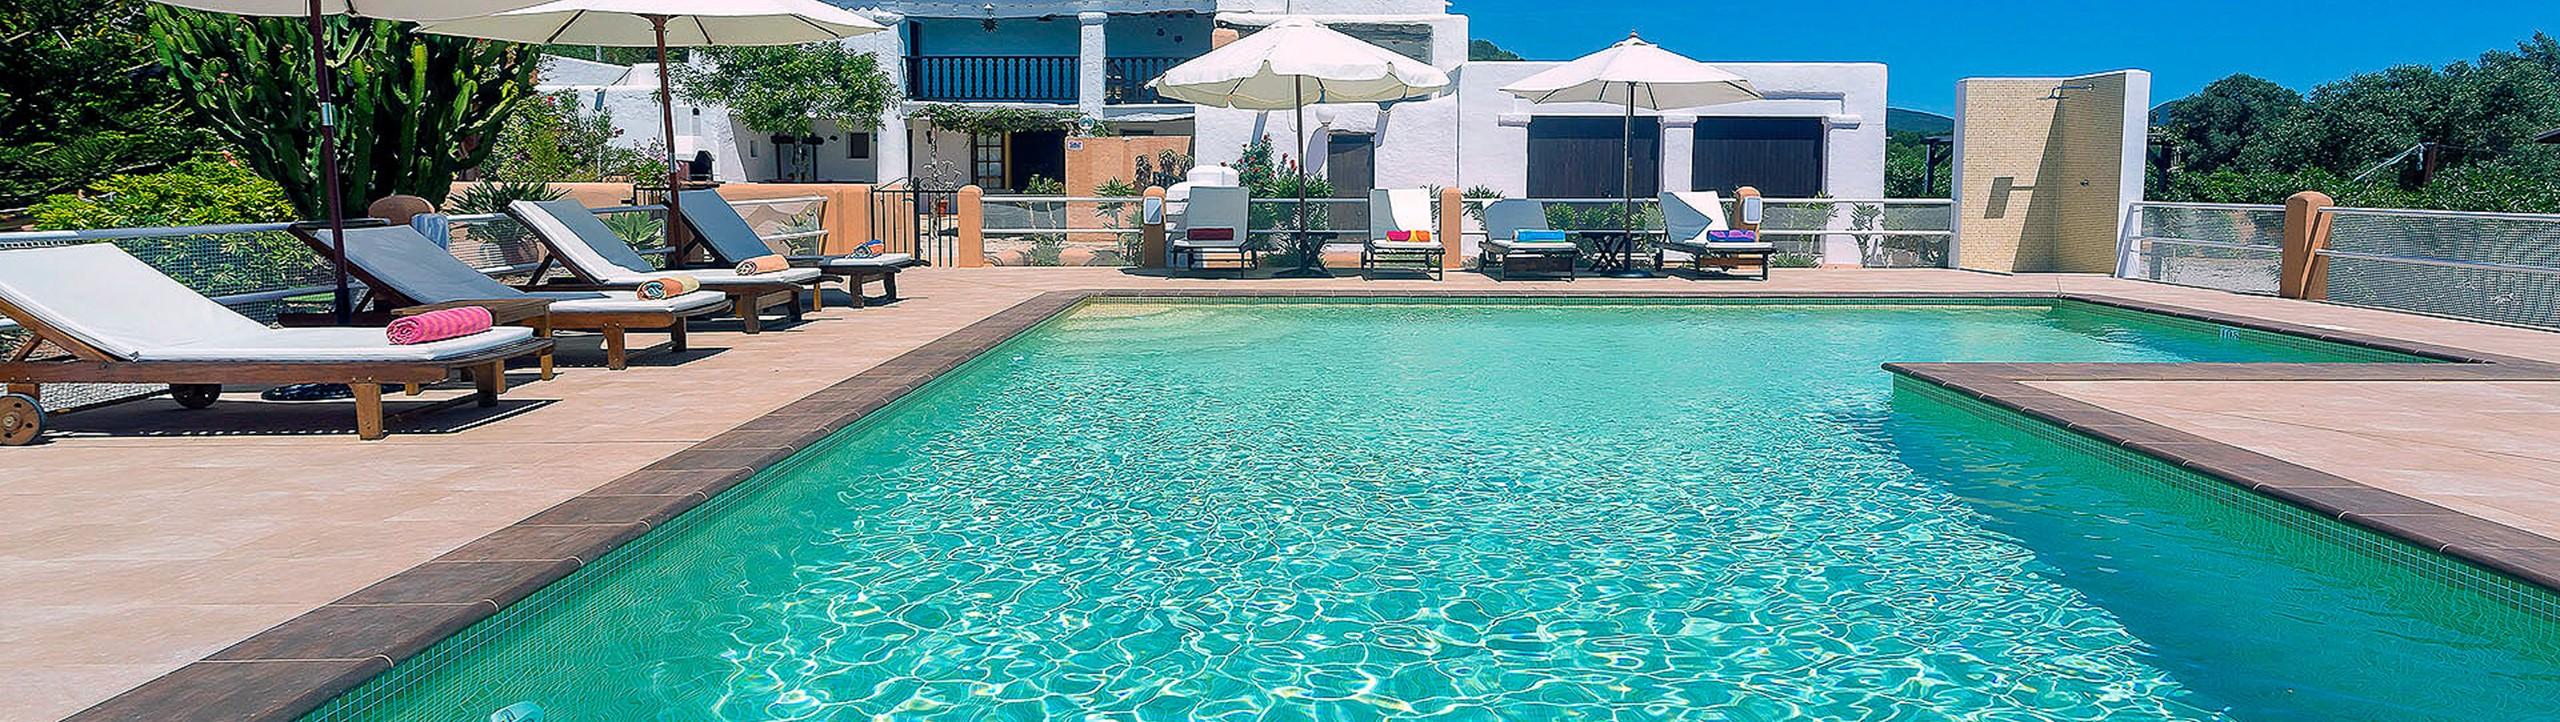 Cana Marina Ibiza 1 Santa Eulalia